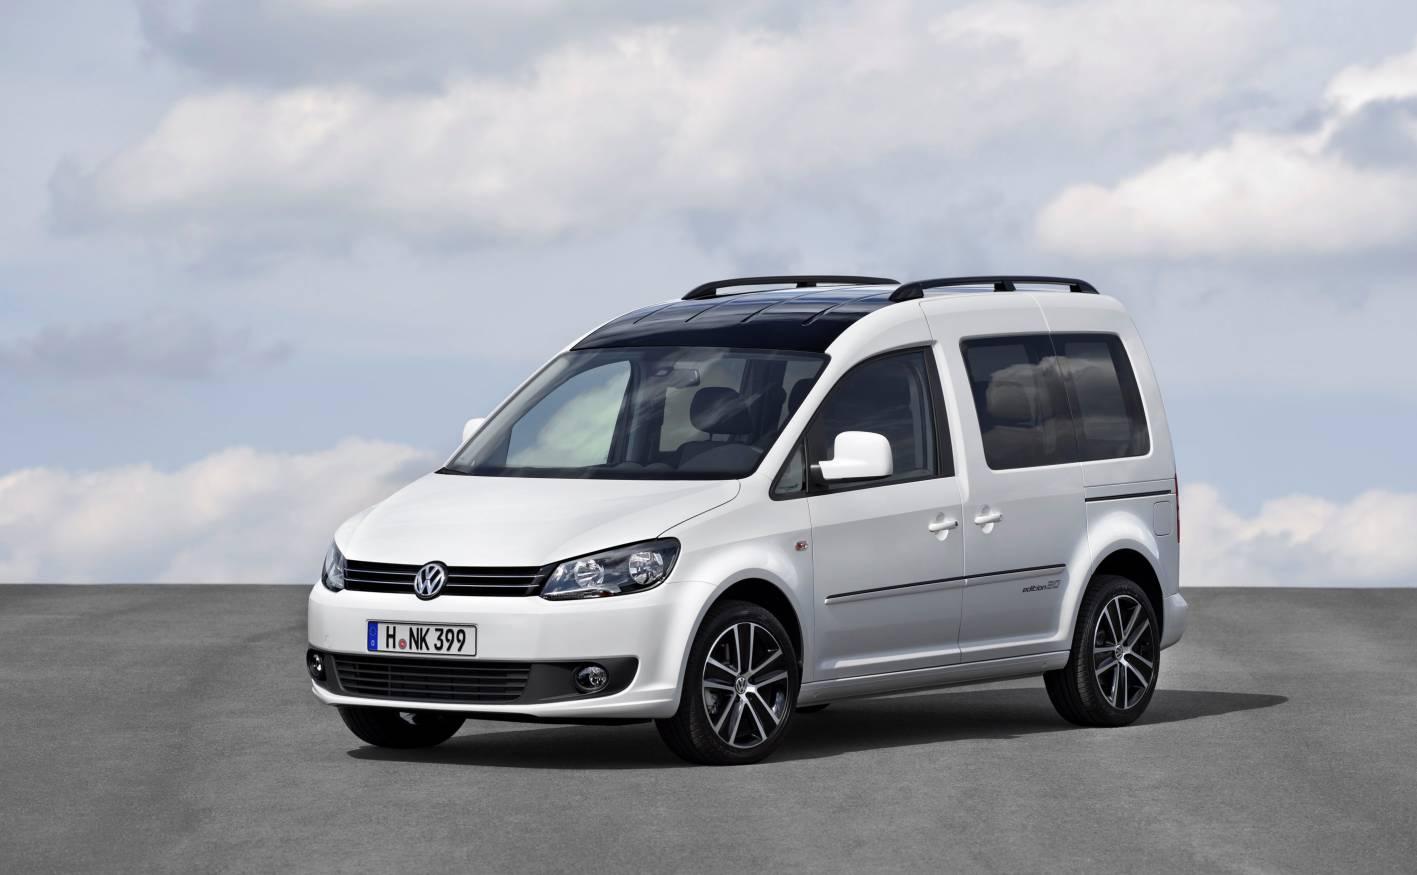 news sydney motor show debut for volkswagen caddy. Black Bedroom Furniture Sets. Home Design Ideas